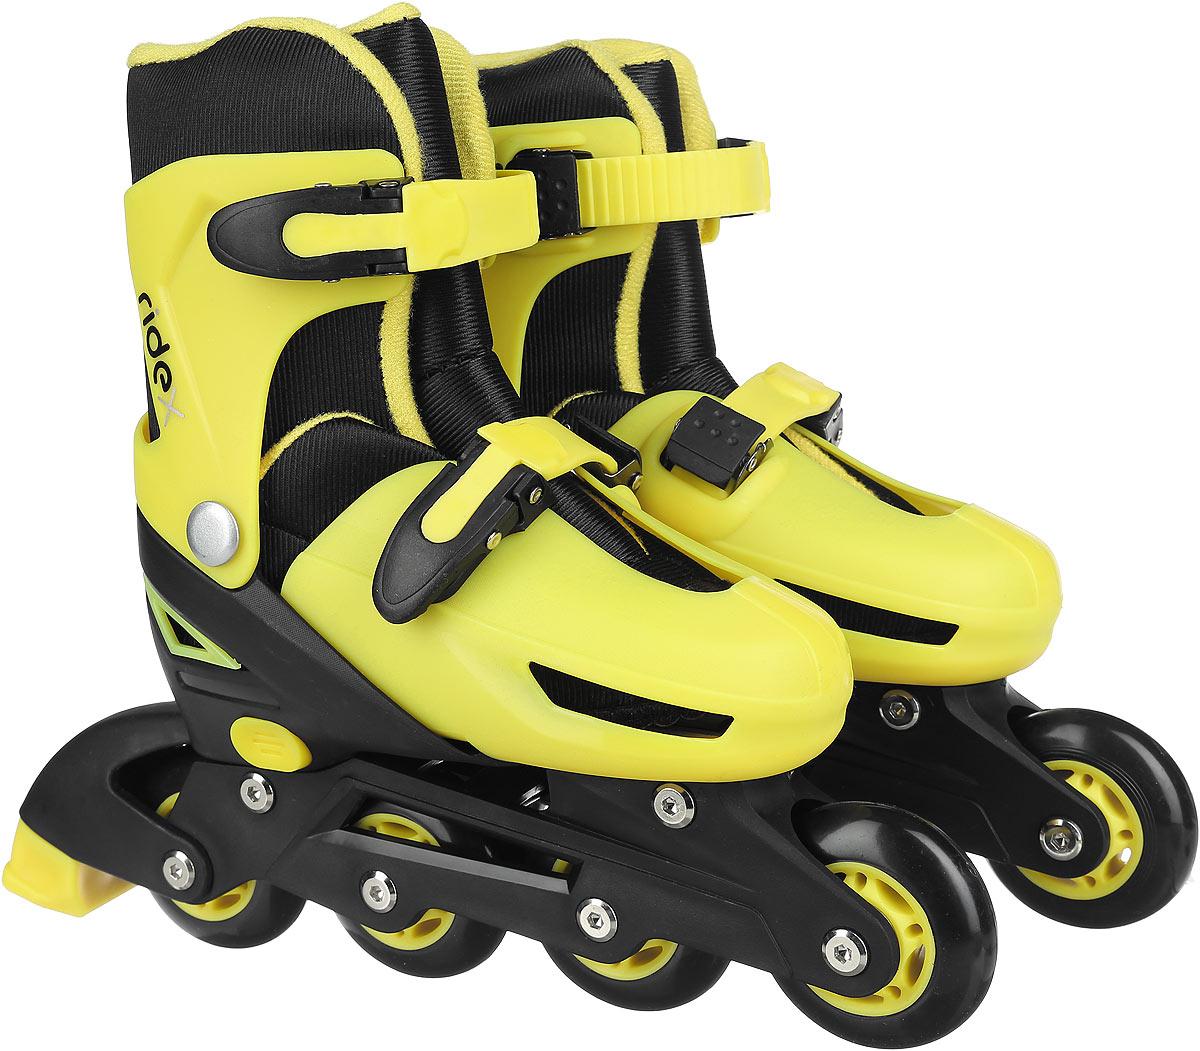 Коньки роликовые Ridex Champion, раздвижные, цвет: черный, желтый. УТ-00008209. Размер 35/38